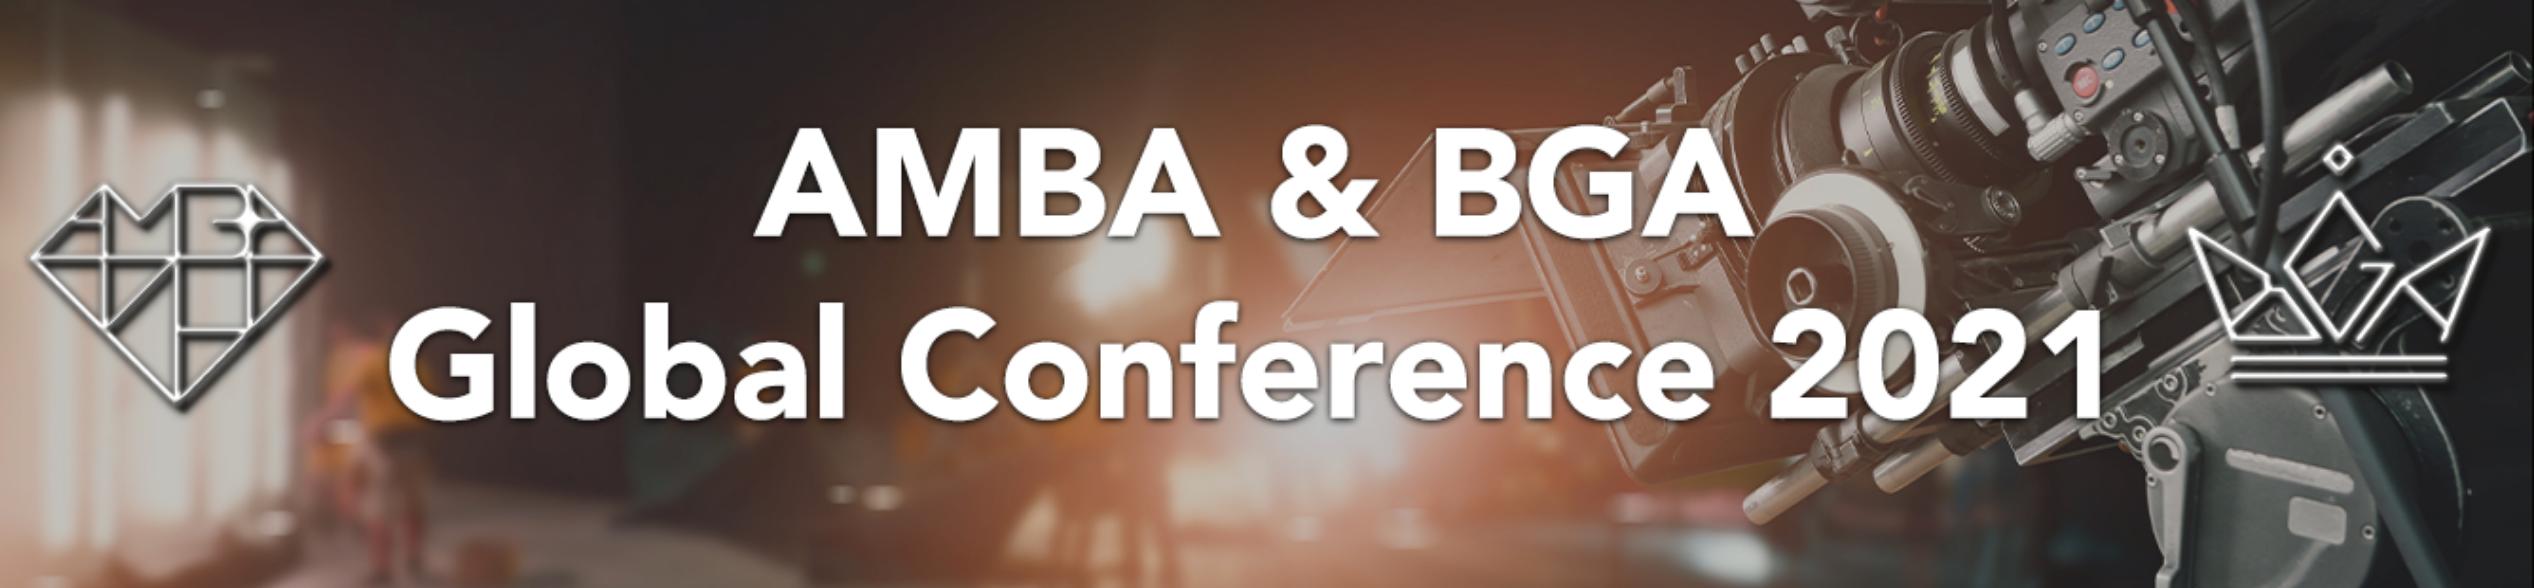 AMBA & BGA Global Conference 2021 | 10-12 May 2021